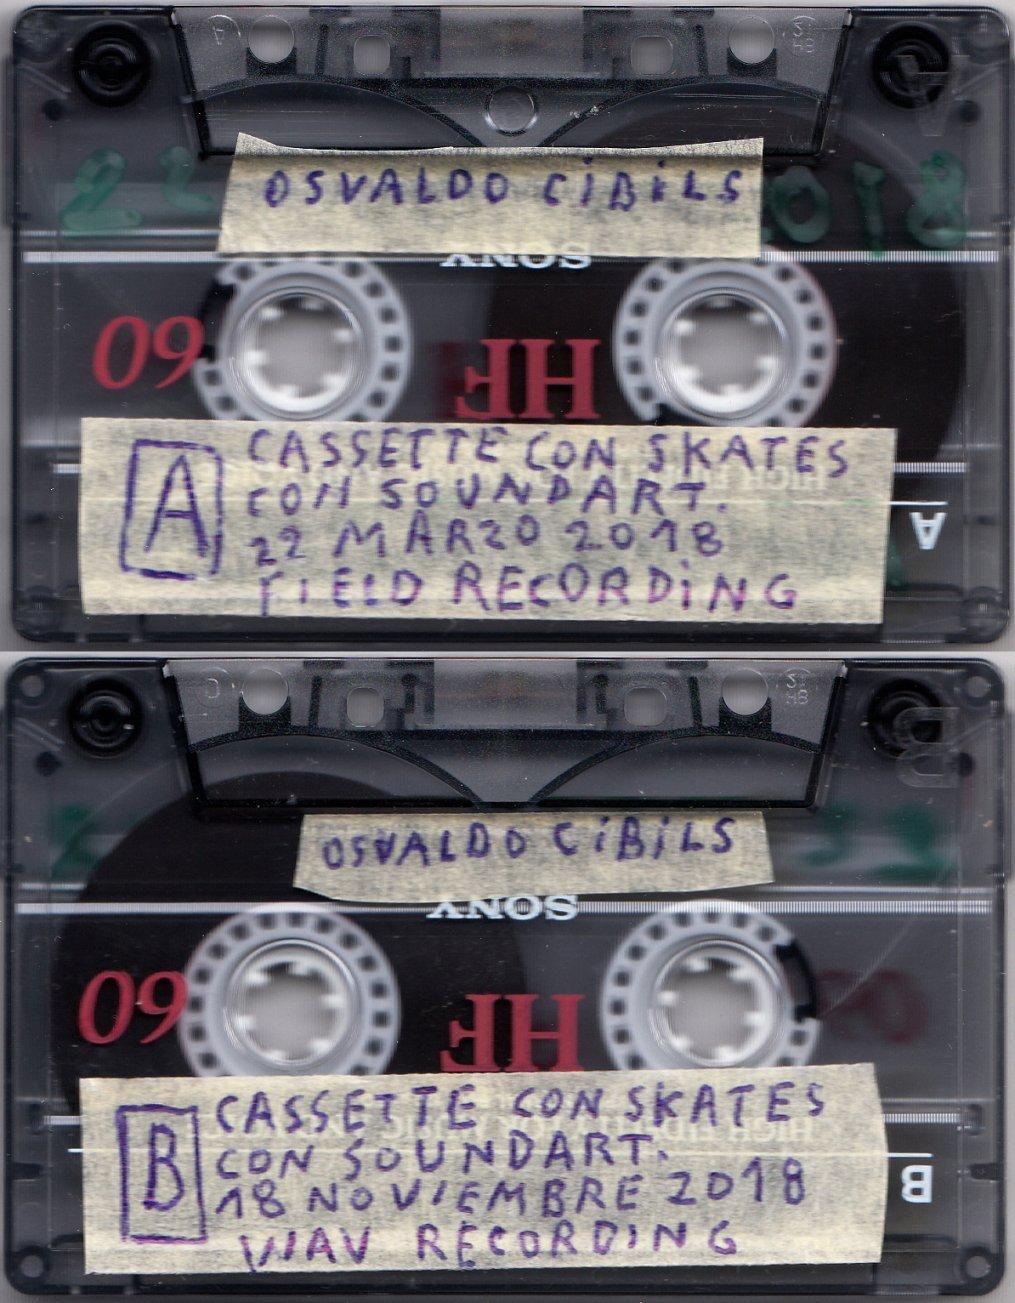 Cassette con skates con soundart. (2018) - Osvaldo Cibils